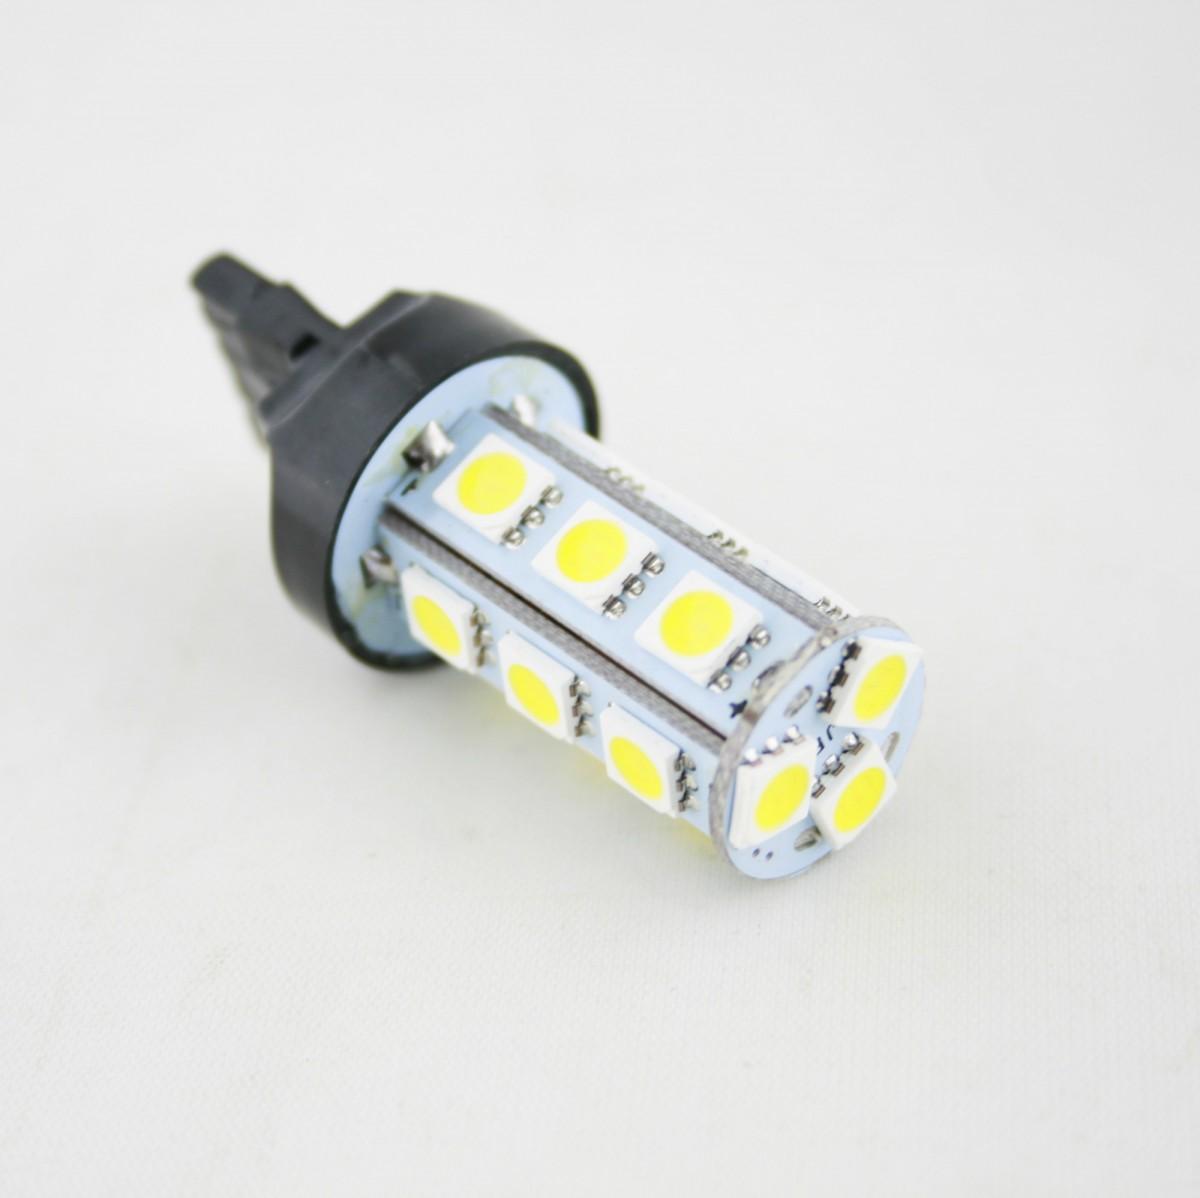 Светодиодная лампа CP (W21W) 1-контактная 18SMD 5050